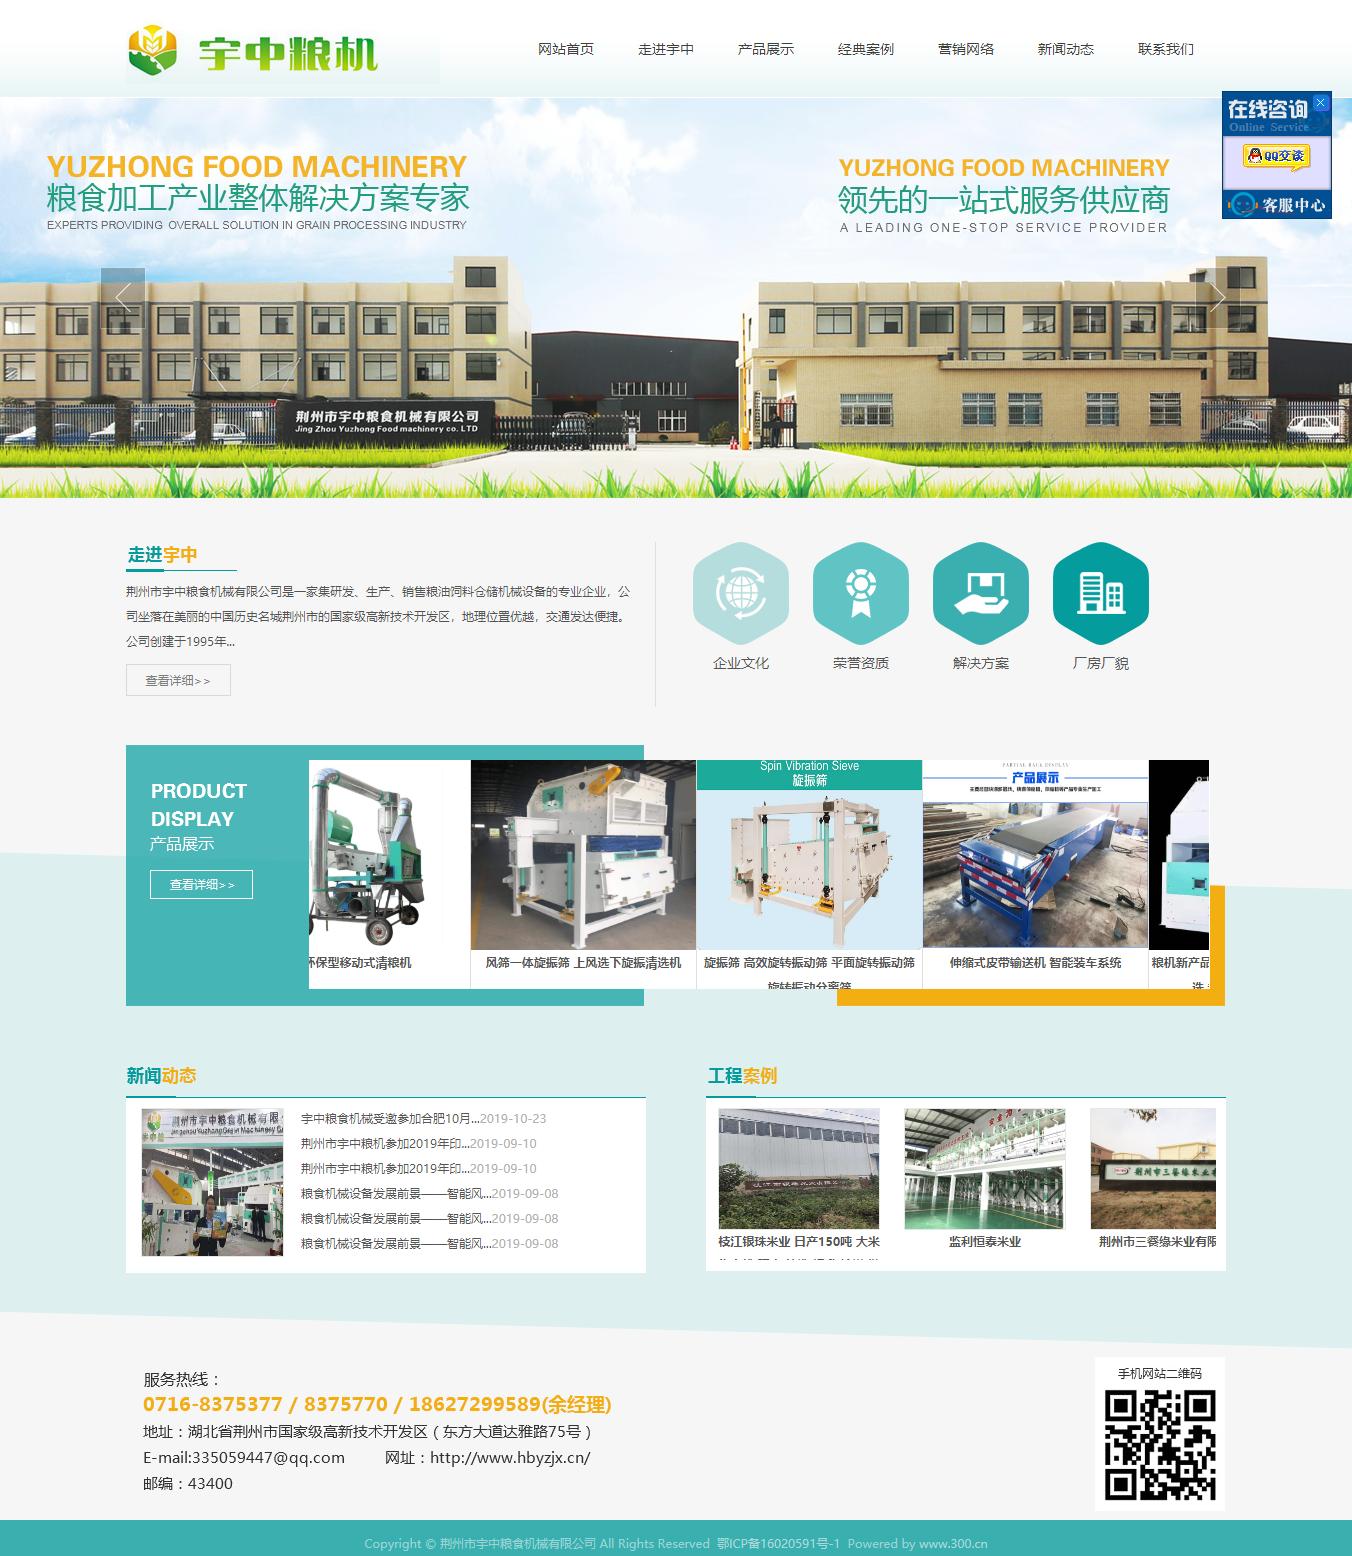 荆州市宇中粮食机械有限公司网站案例